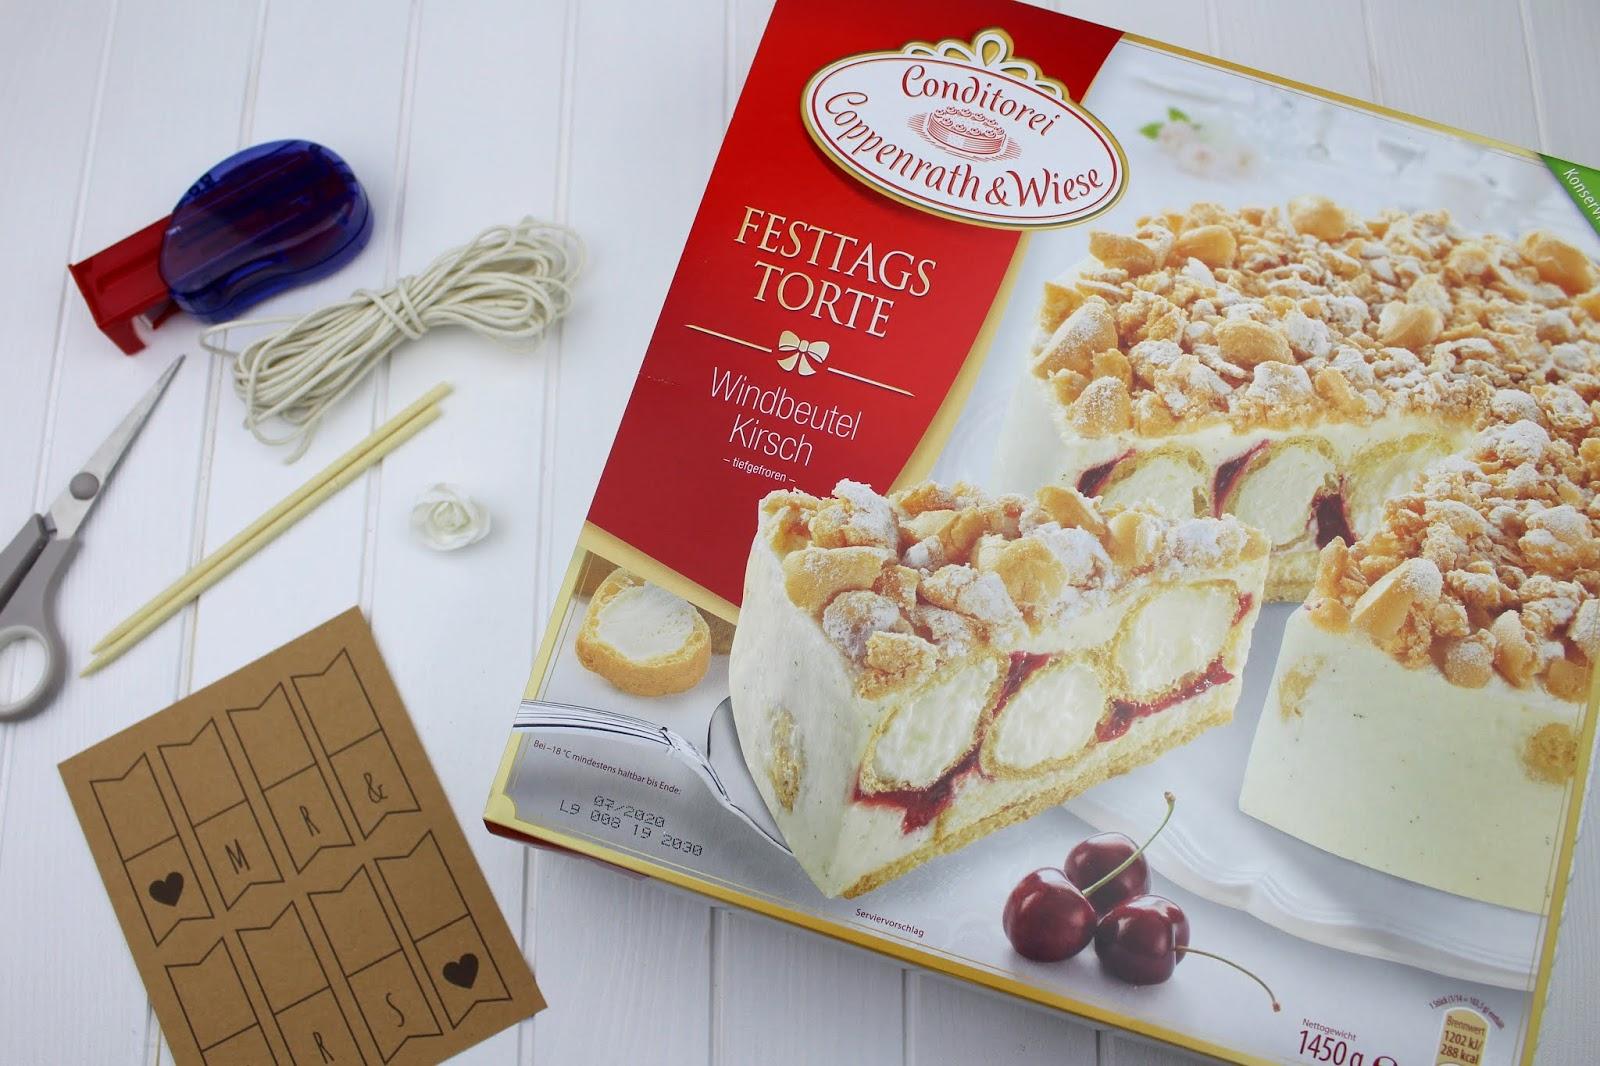 DIY - 3 Cake Topper für die Hochzeitstorte ganz einfach selber machen + gratis Vorlage - mit Coppenrath & Wiese - Wimpelgirlande